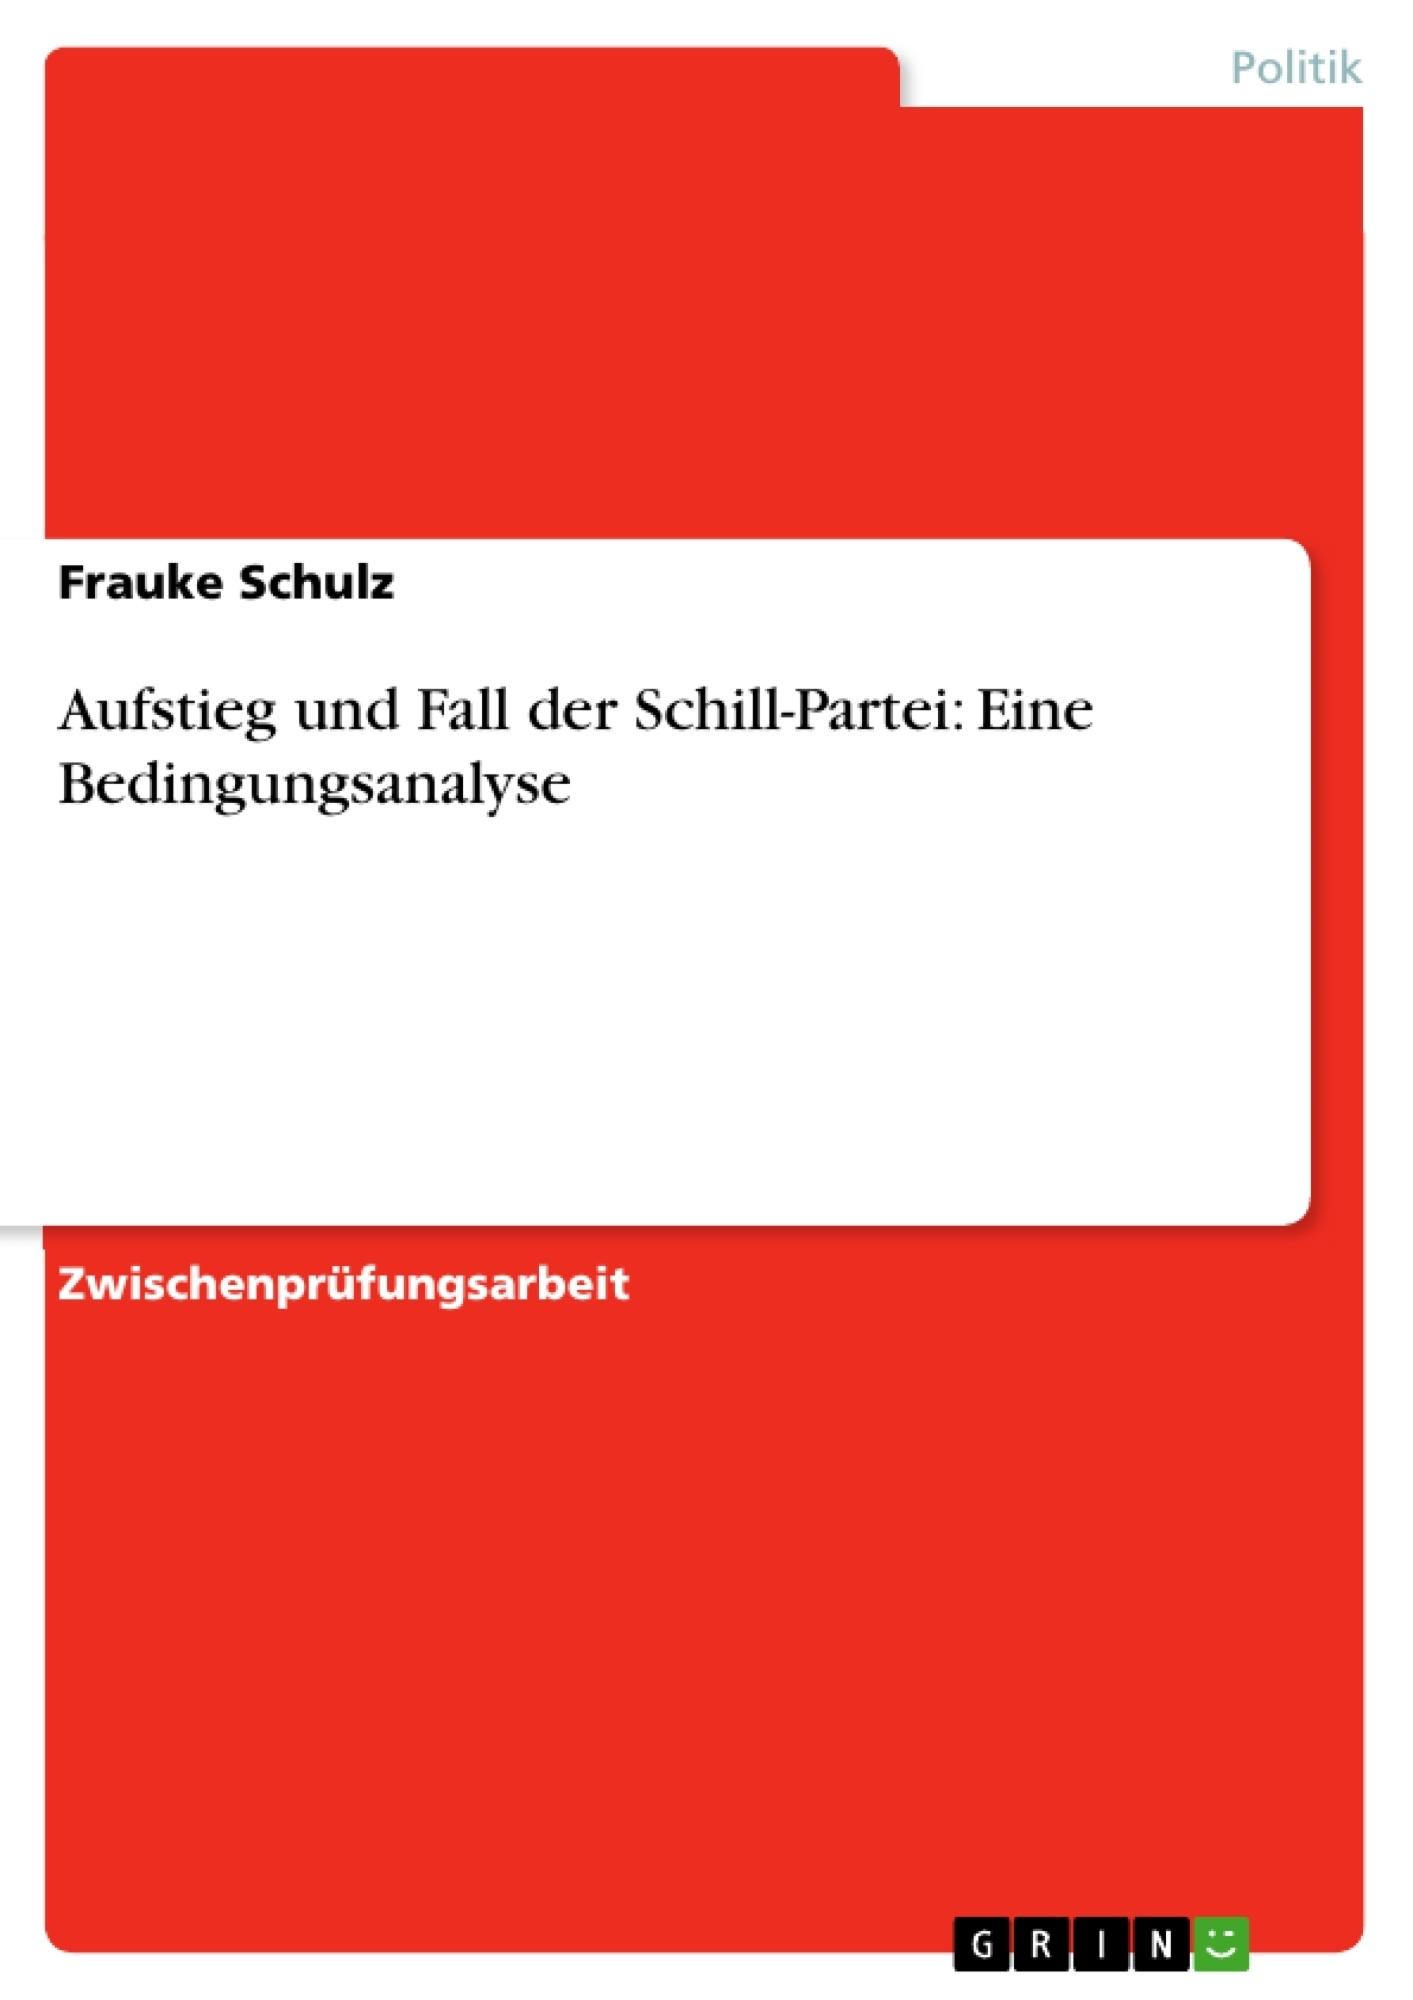 Titel: Aufstieg und Fall der Schill-Partei: Eine Bedingungsanalyse